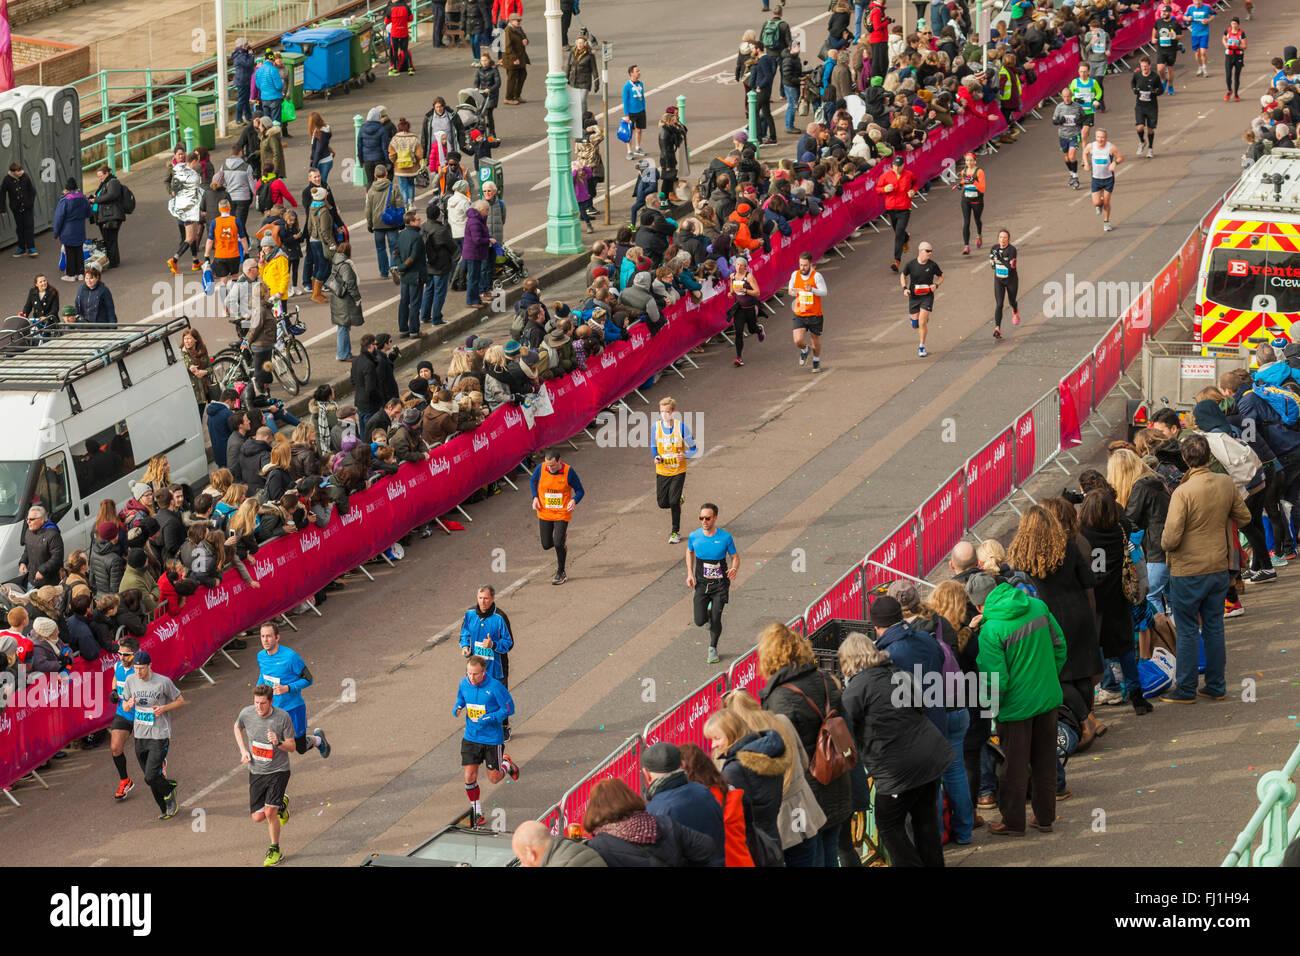 La finitura di Brighton Mezza Maratona 28 febbraio 2016, East Sussex, Inghilterra. Immagini Stock